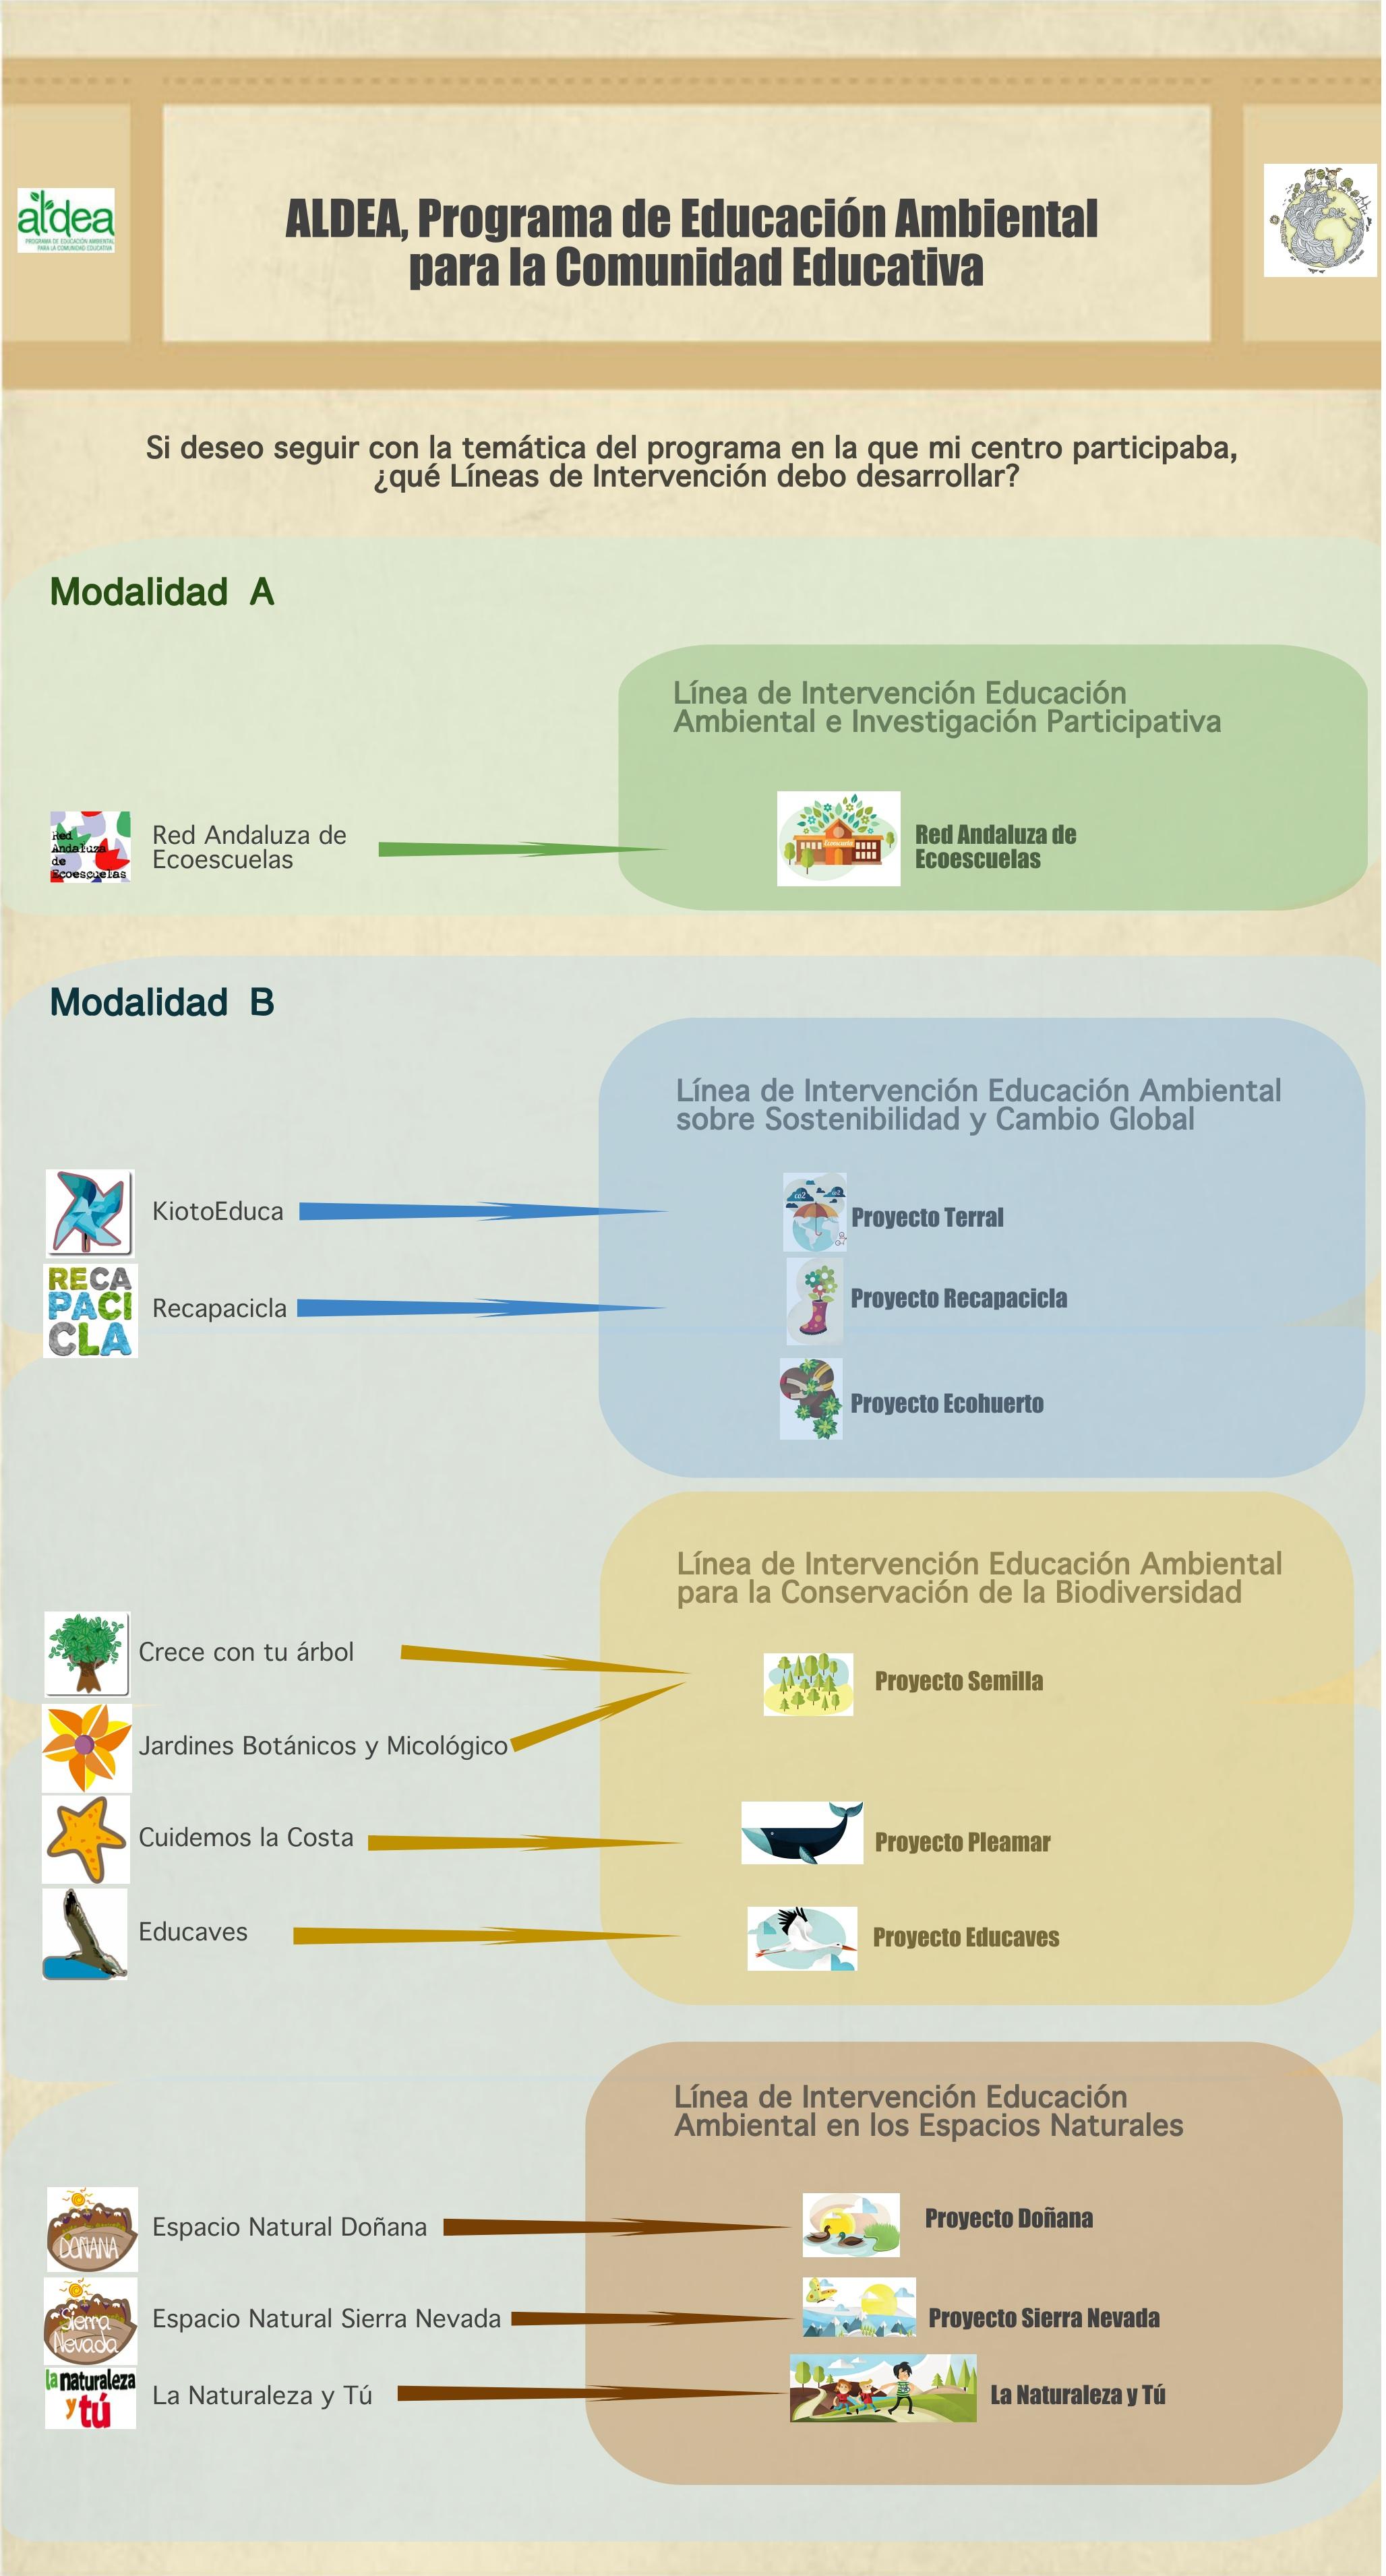 Infografía ALDEA (infografALDEA.jpg)